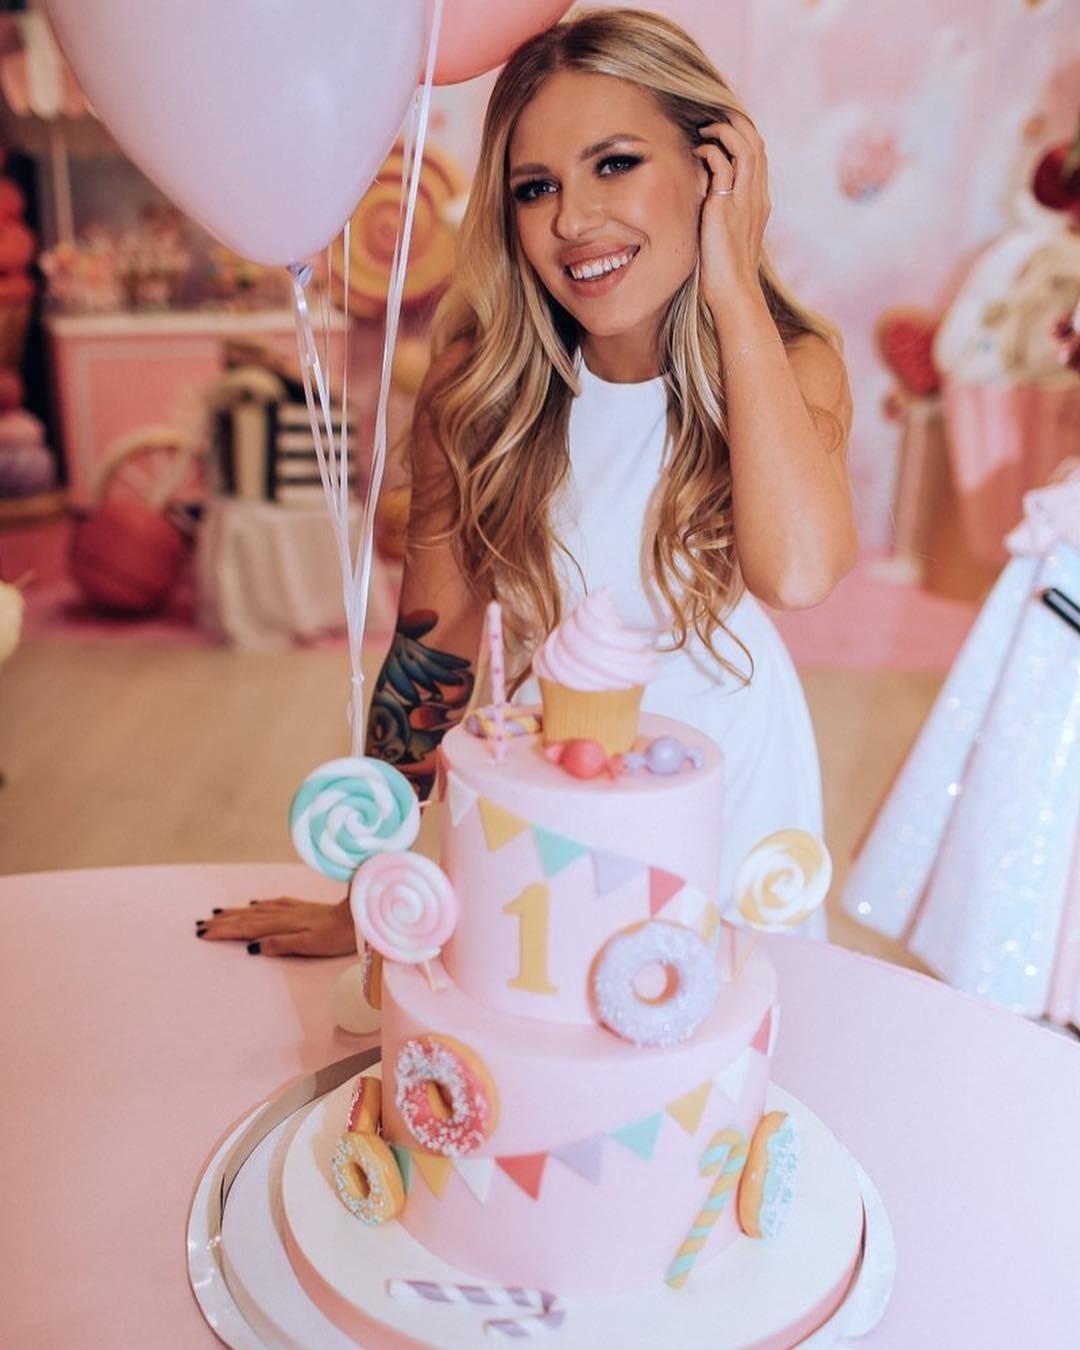 23 октября девочке исполнился год, Рита привезла ее к отцу, где она провела тихий семейный праздник. А на выходных отметила дочке настоящий день рождения с клоунами и огромным тортом. Вот...